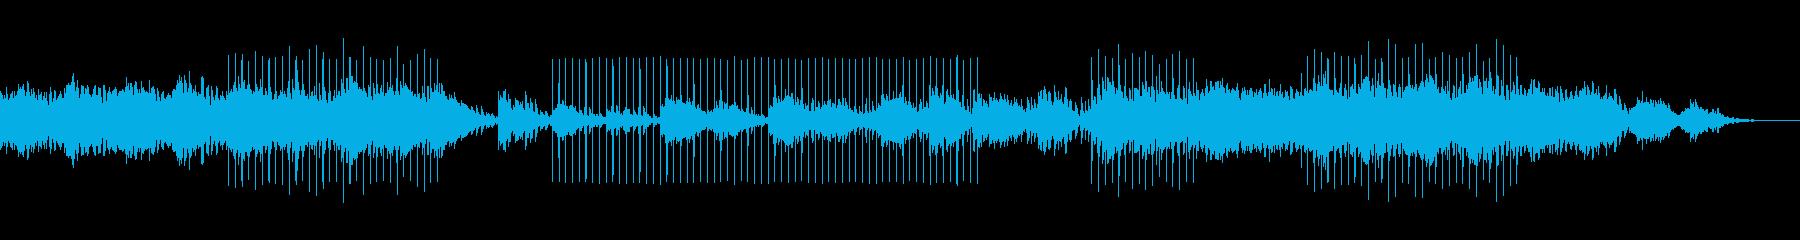 怪しげでミステリアスなミュージックの再生済みの波形